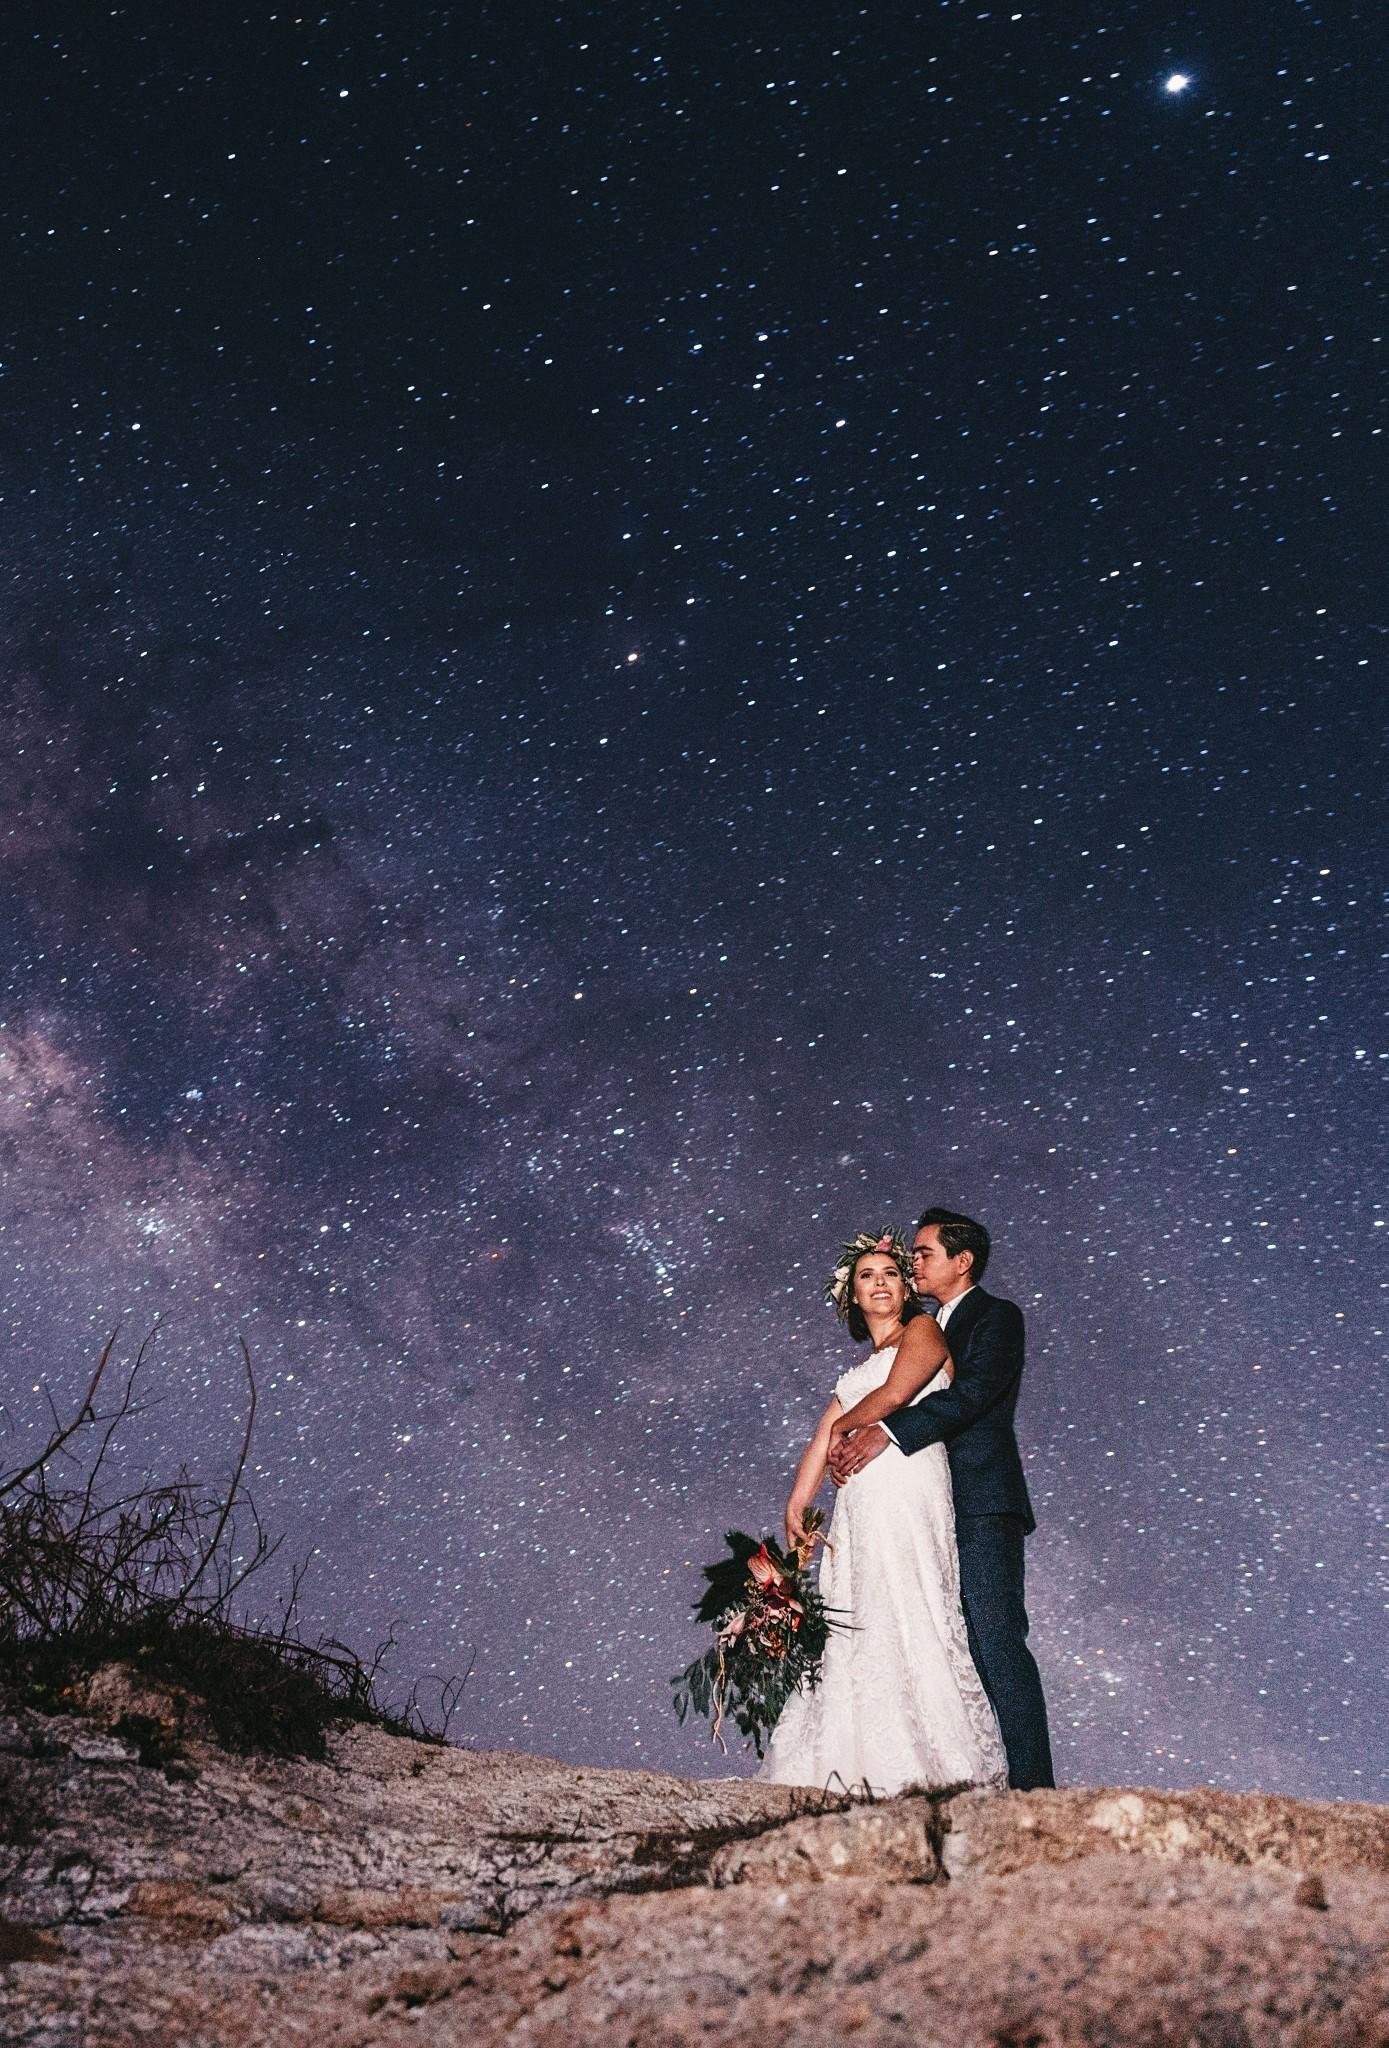 astro fotografía riviera nayarit